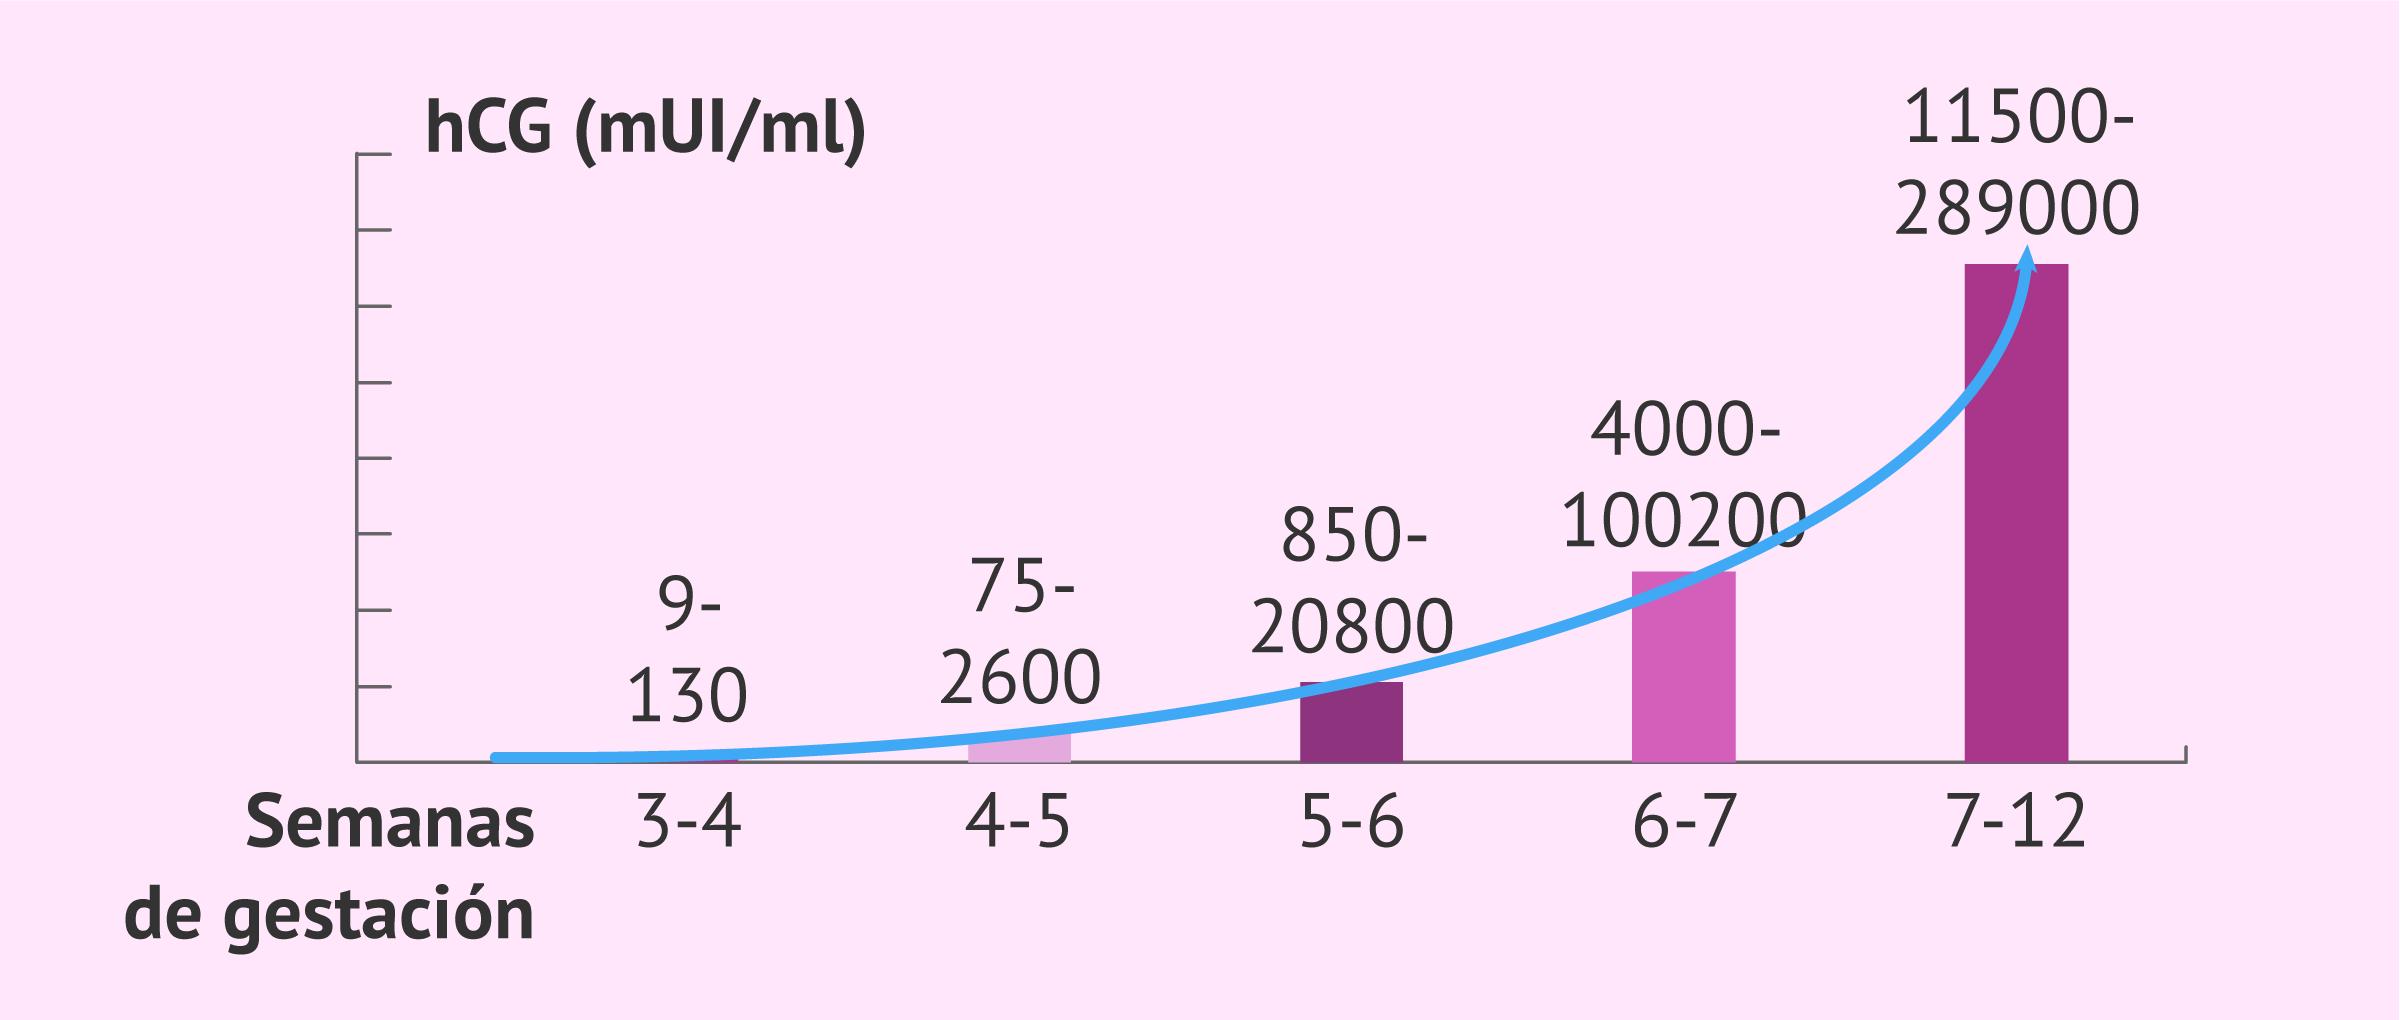 Hormona hCG en el embarazo